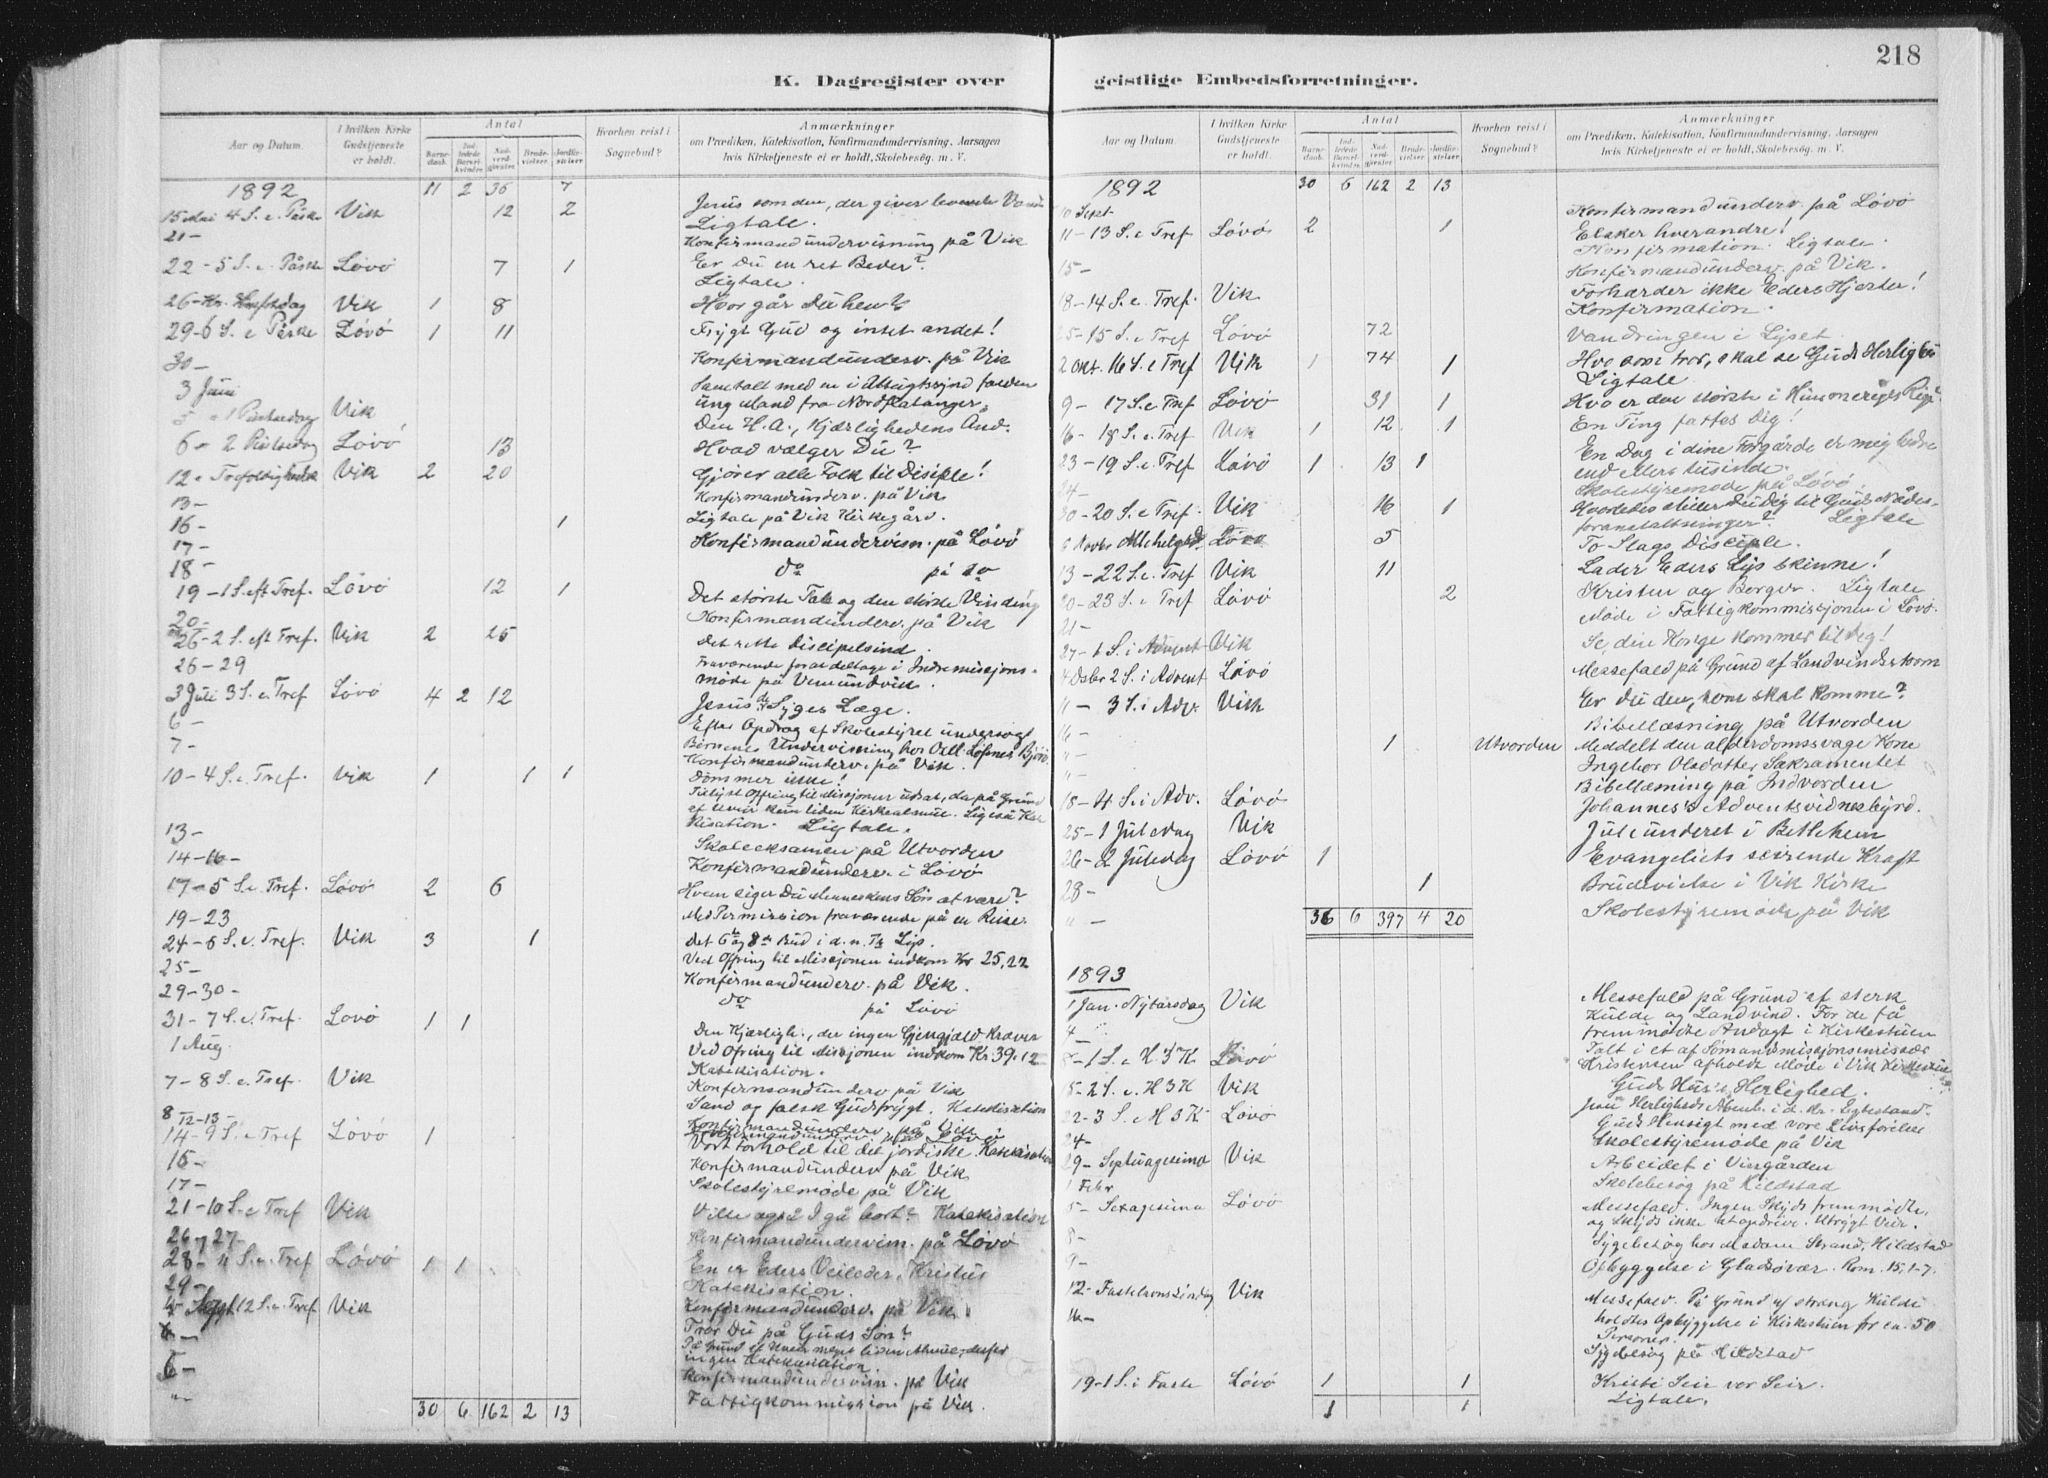 SAT, Ministerialprotokoller, klokkerbøker og fødselsregistre - Nord-Trøndelag, 771/L0597: Ministerialbok nr. 771A04, 1885-1910, s. 218